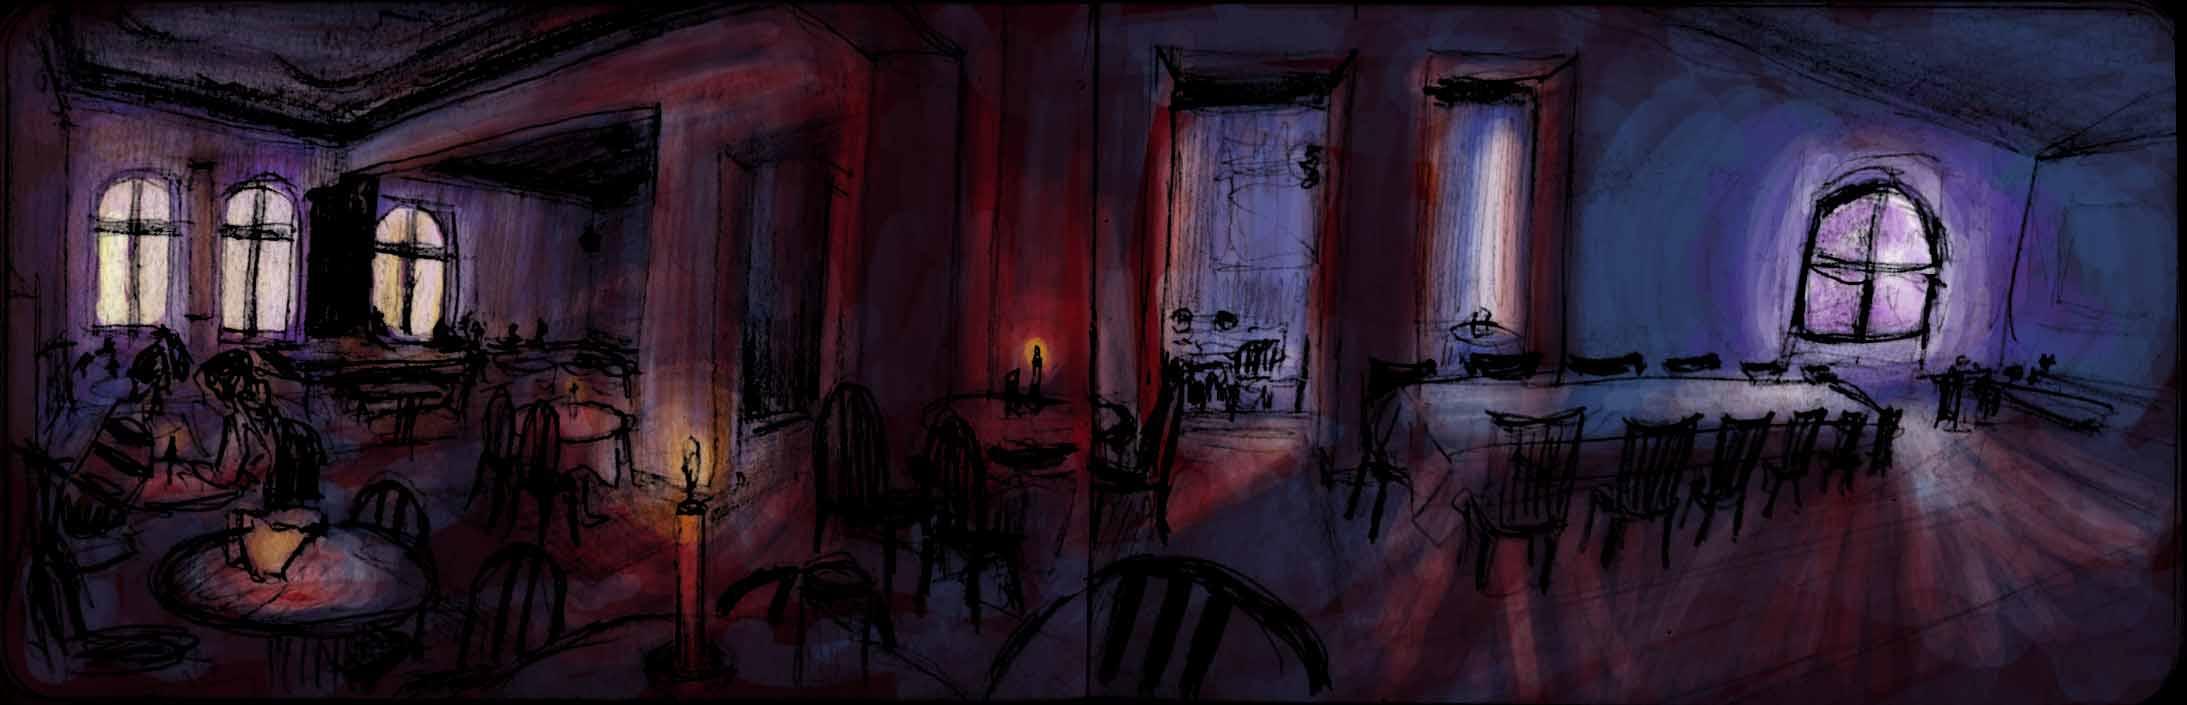 schwarzes cafe_11